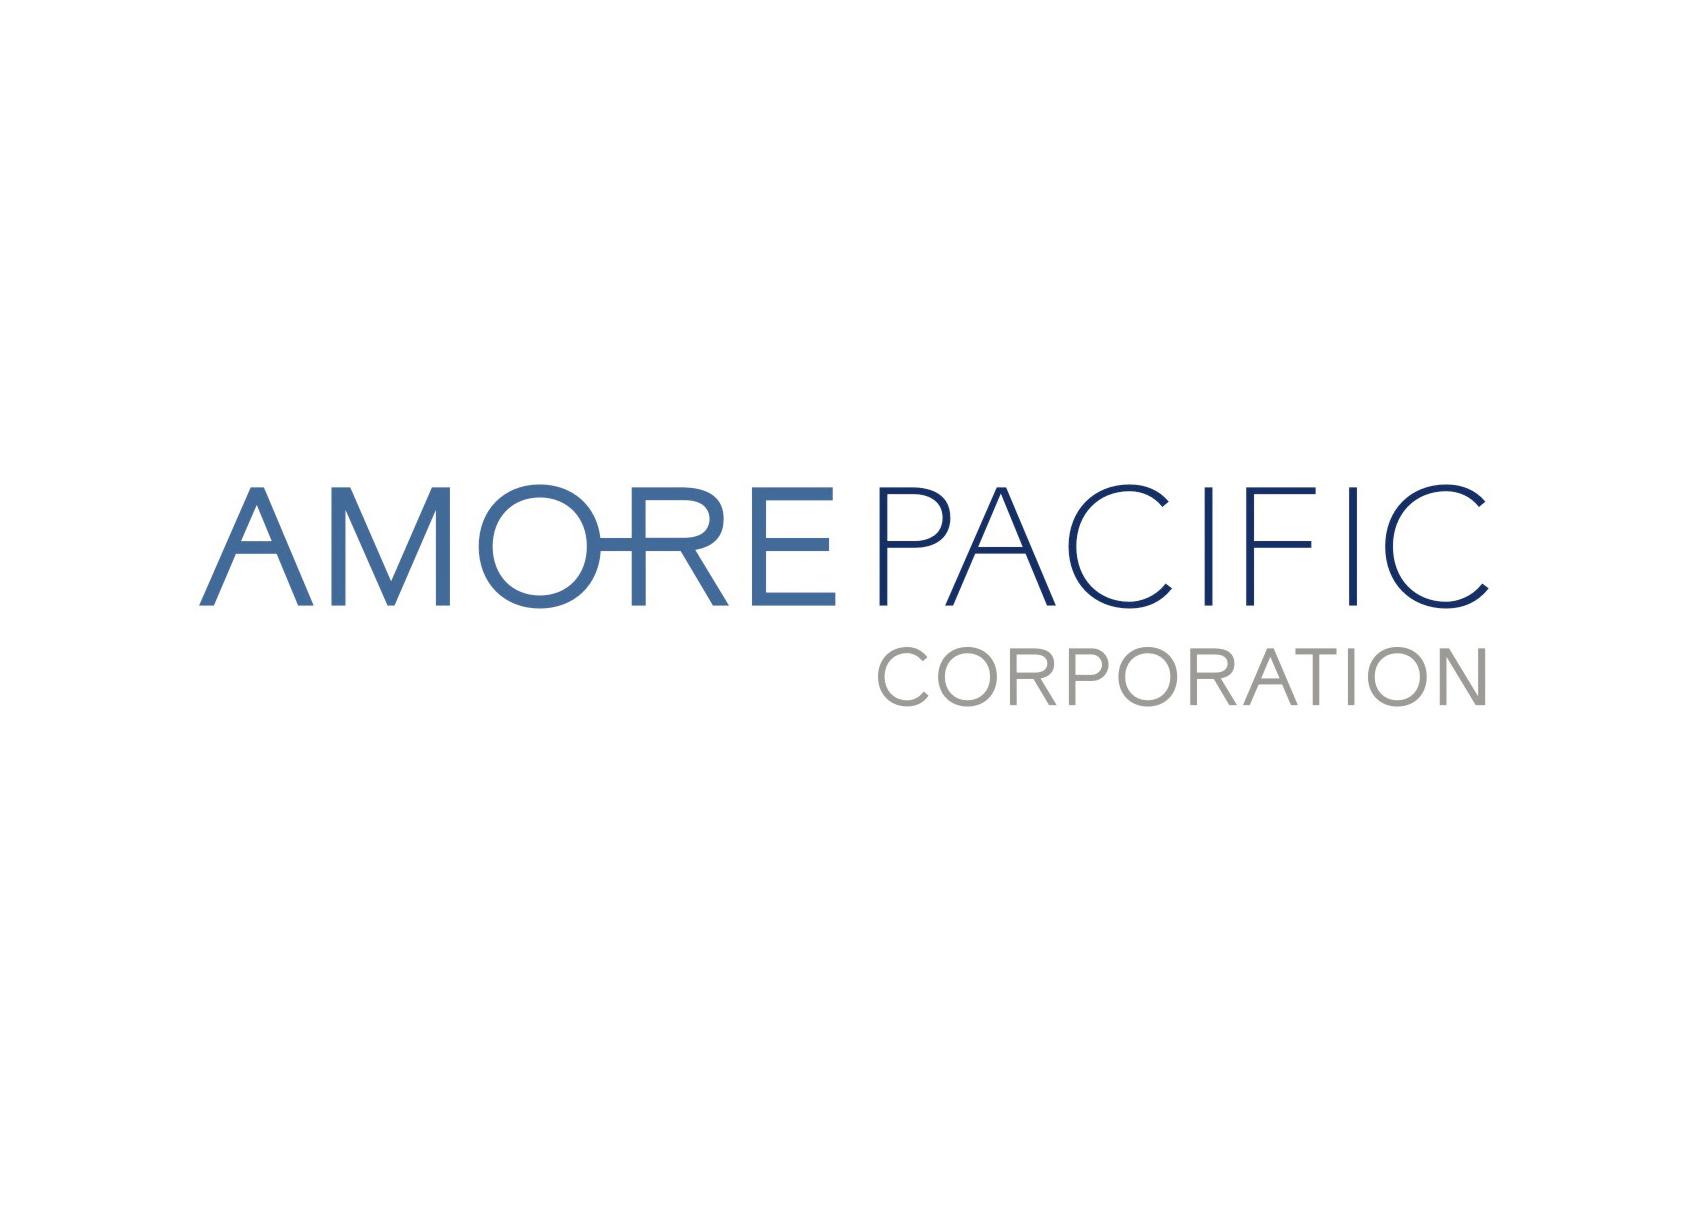 riw-amorepacific-biggest-public-companies